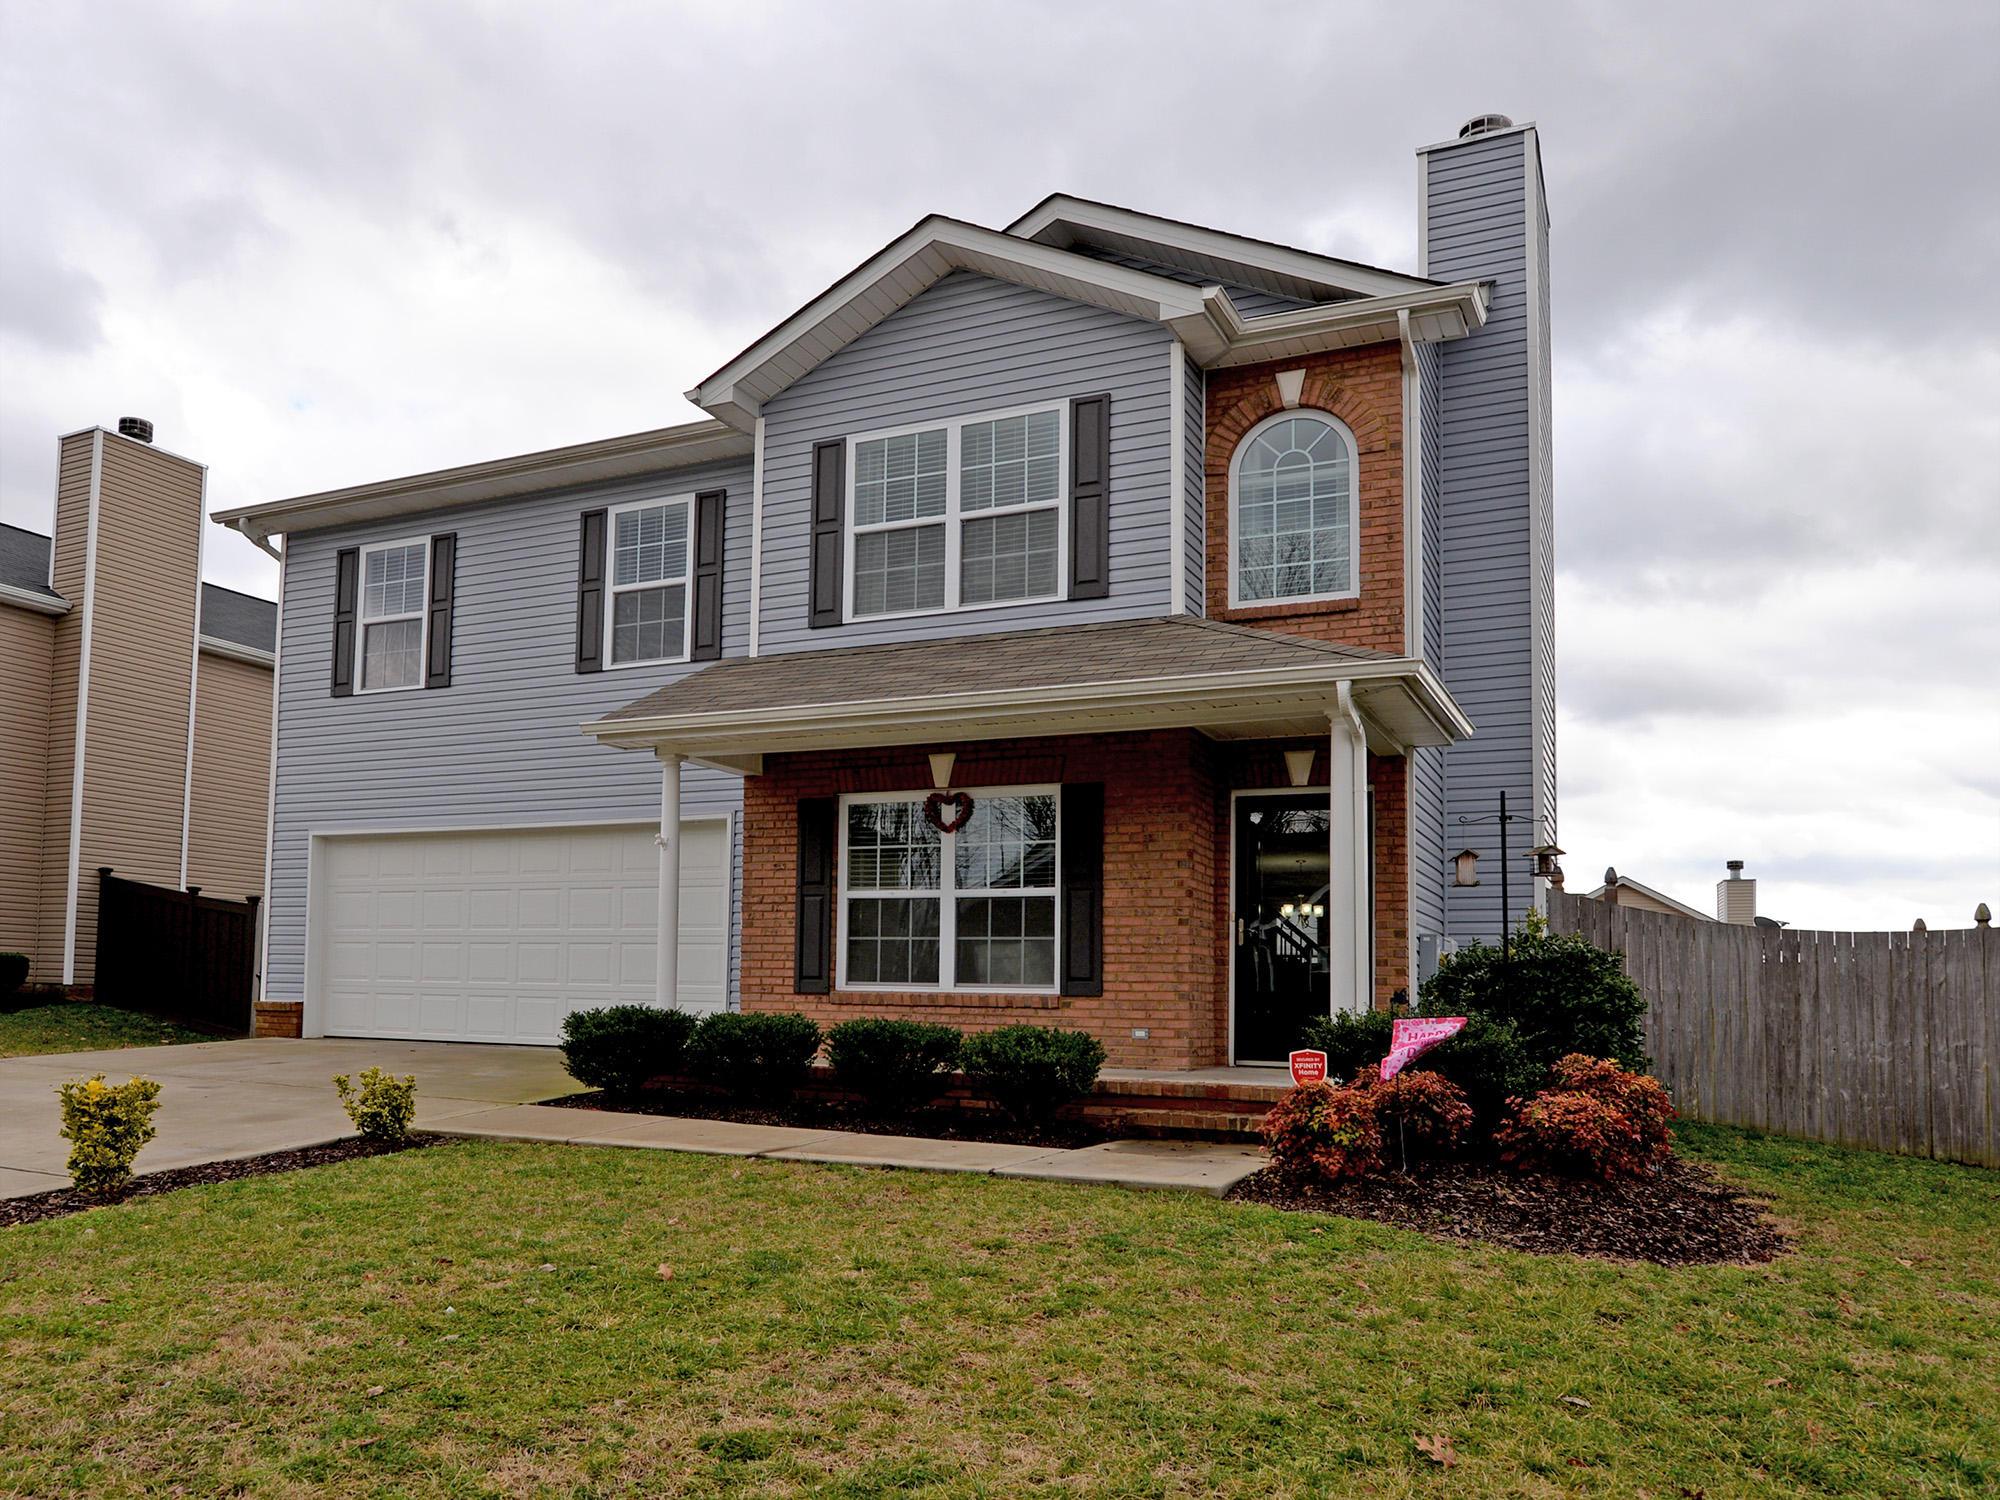 8416 Vessel Lane, Powell, TN 37849